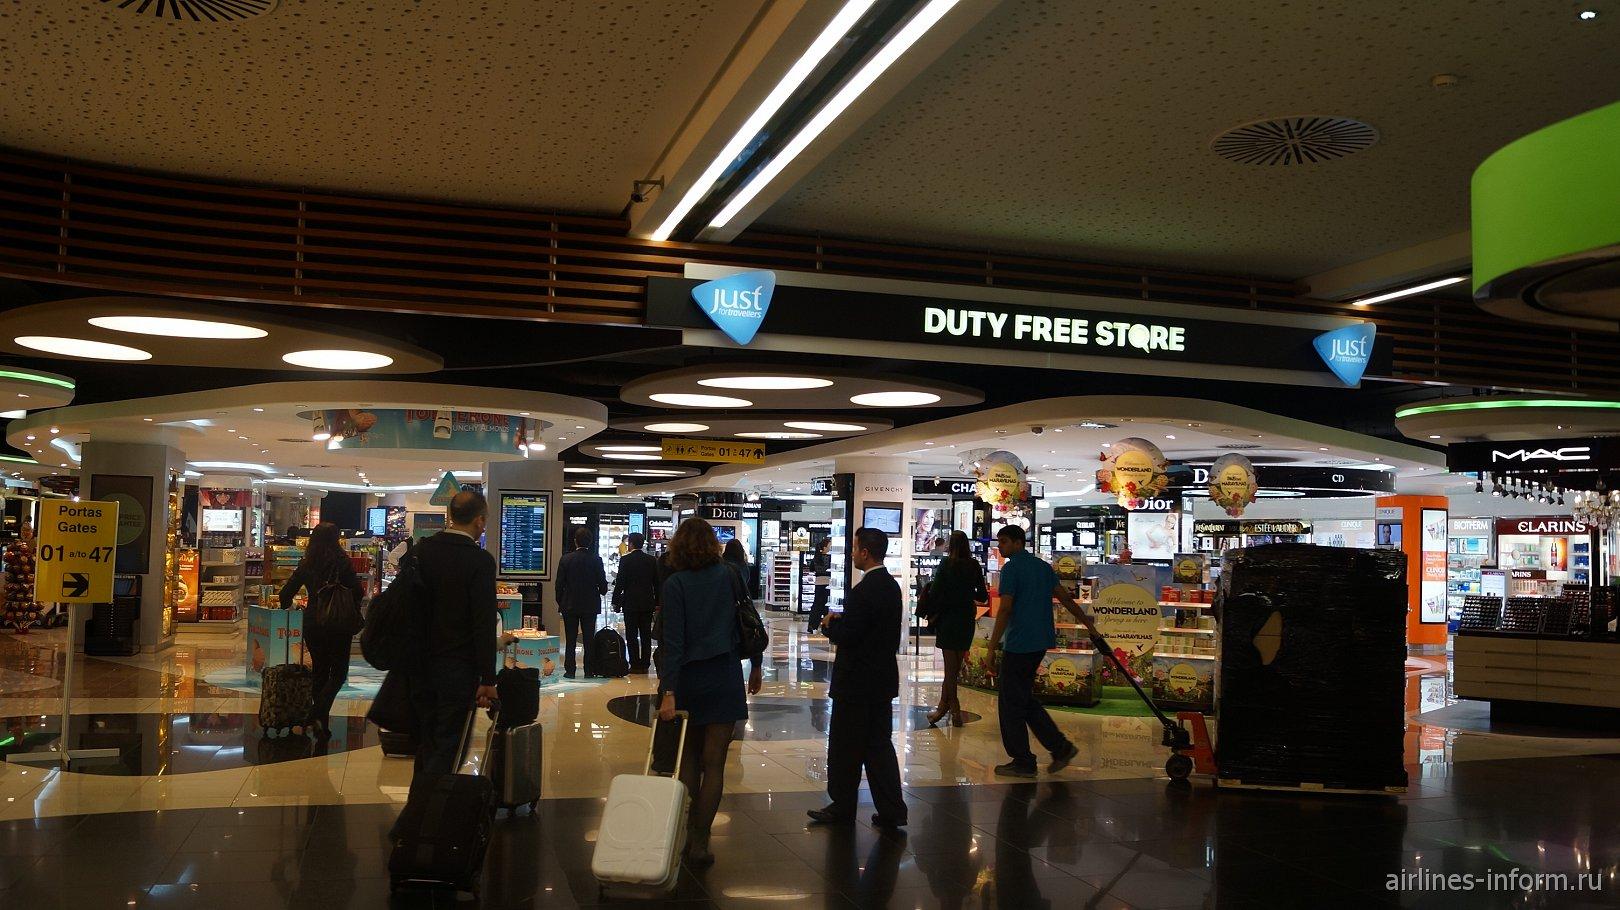 Магазины Duty Free в аэропорту Лиссабон Портела